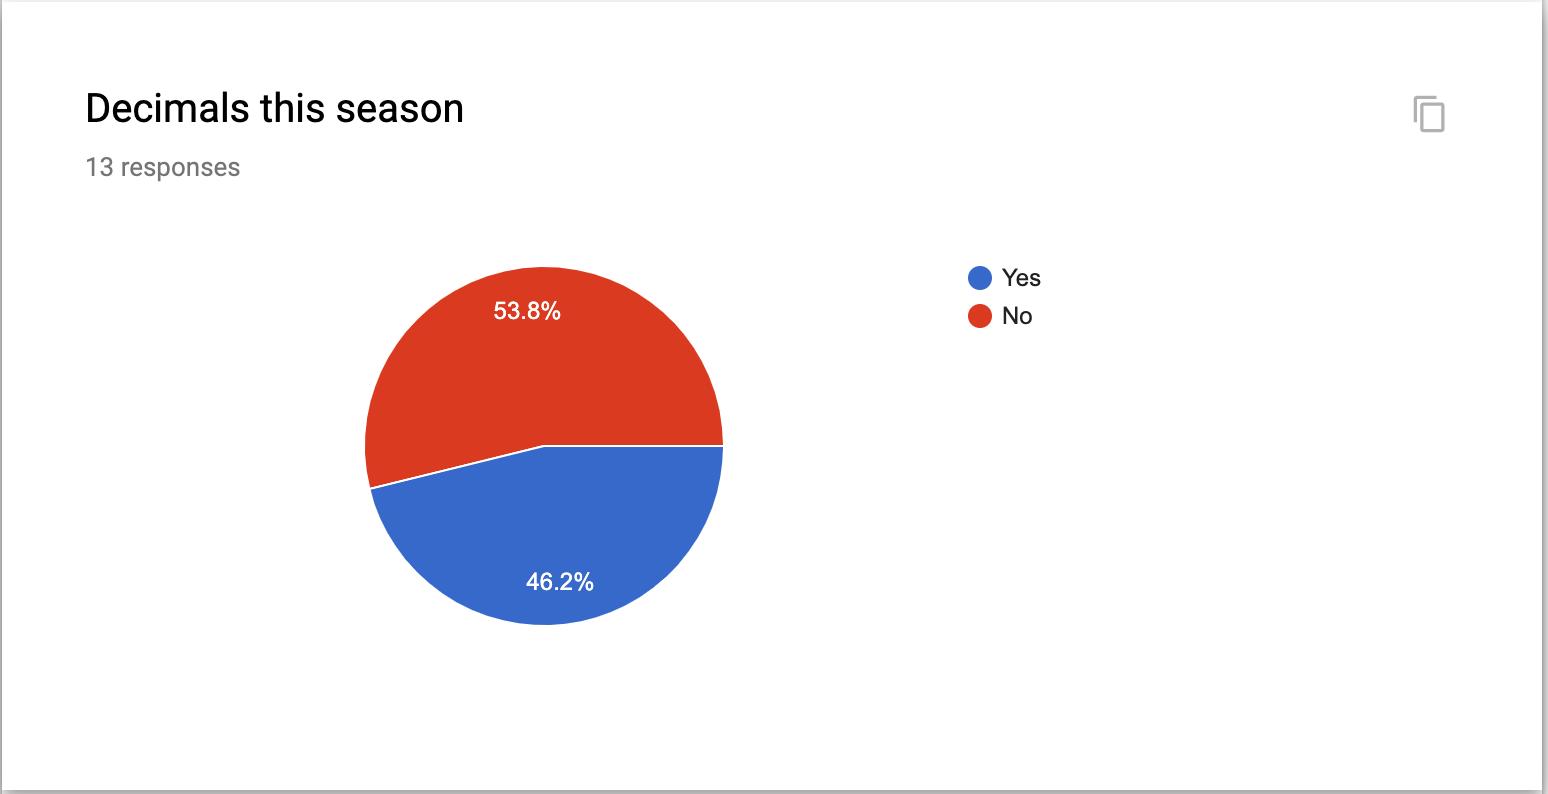 - Decimals this season7 Against 6 in favor